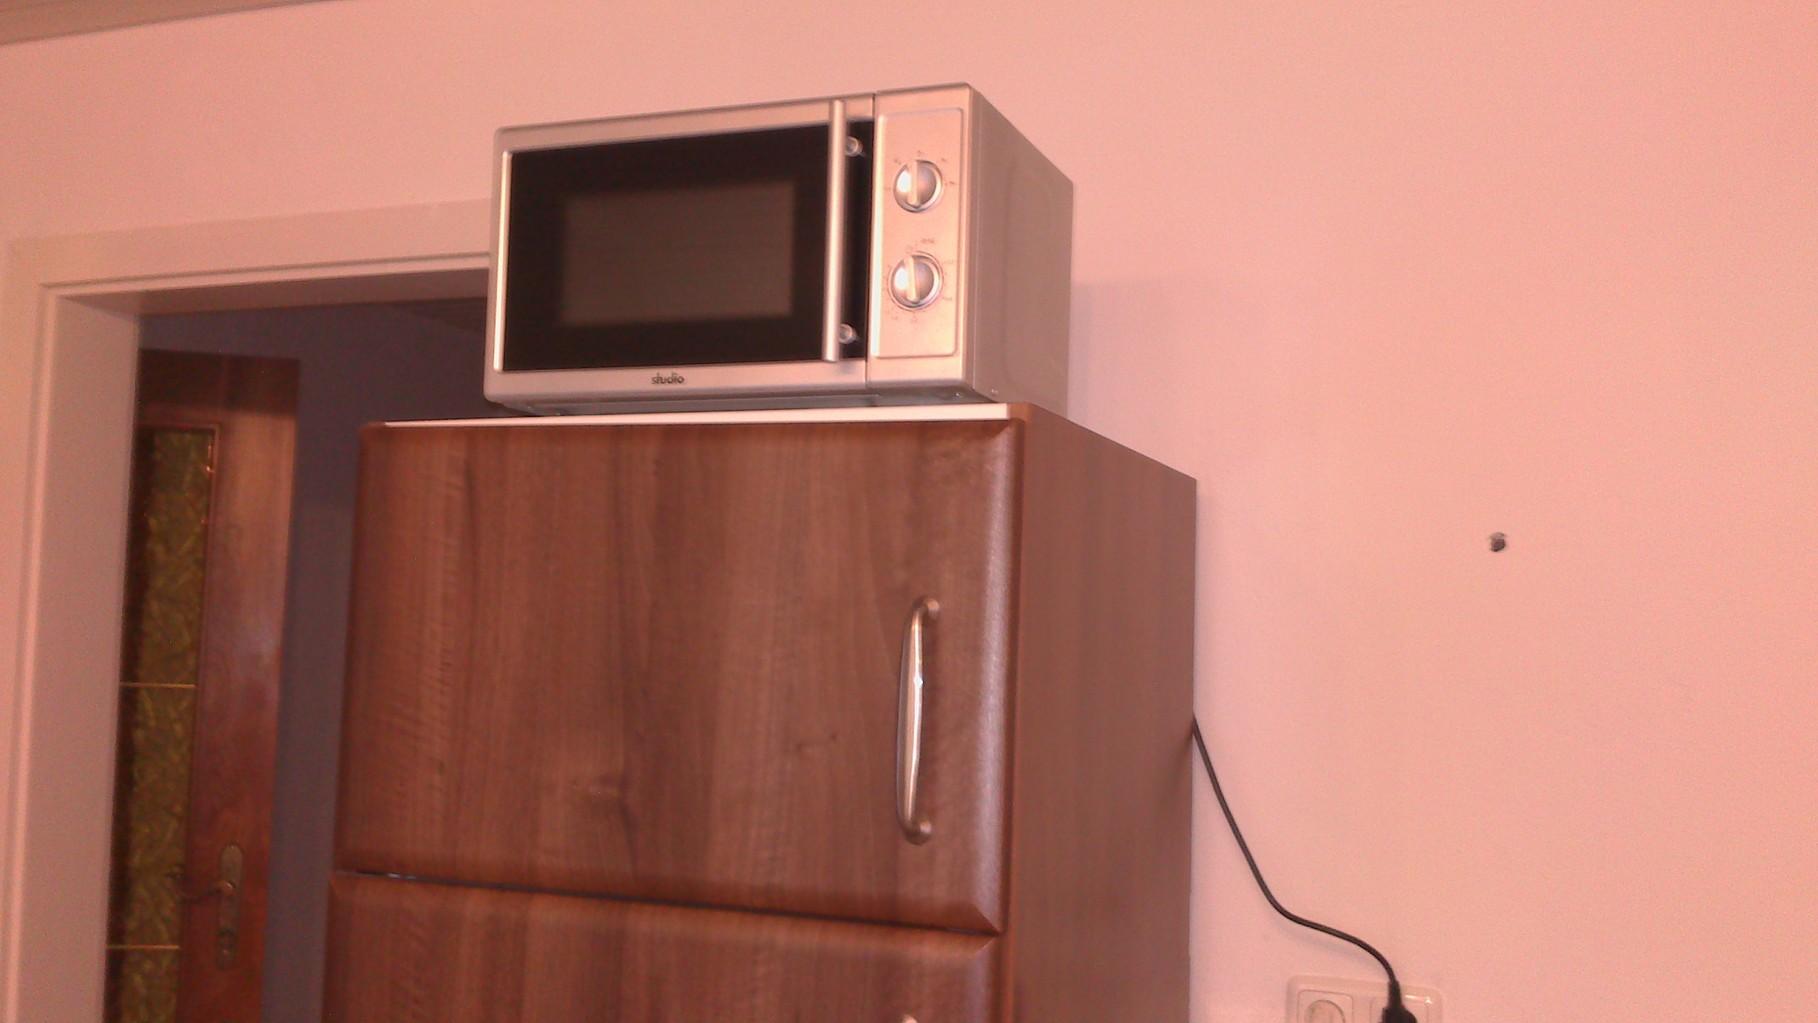 Mikrowelle in der Gemeinschaftsküche - ebenfalls vorhanden